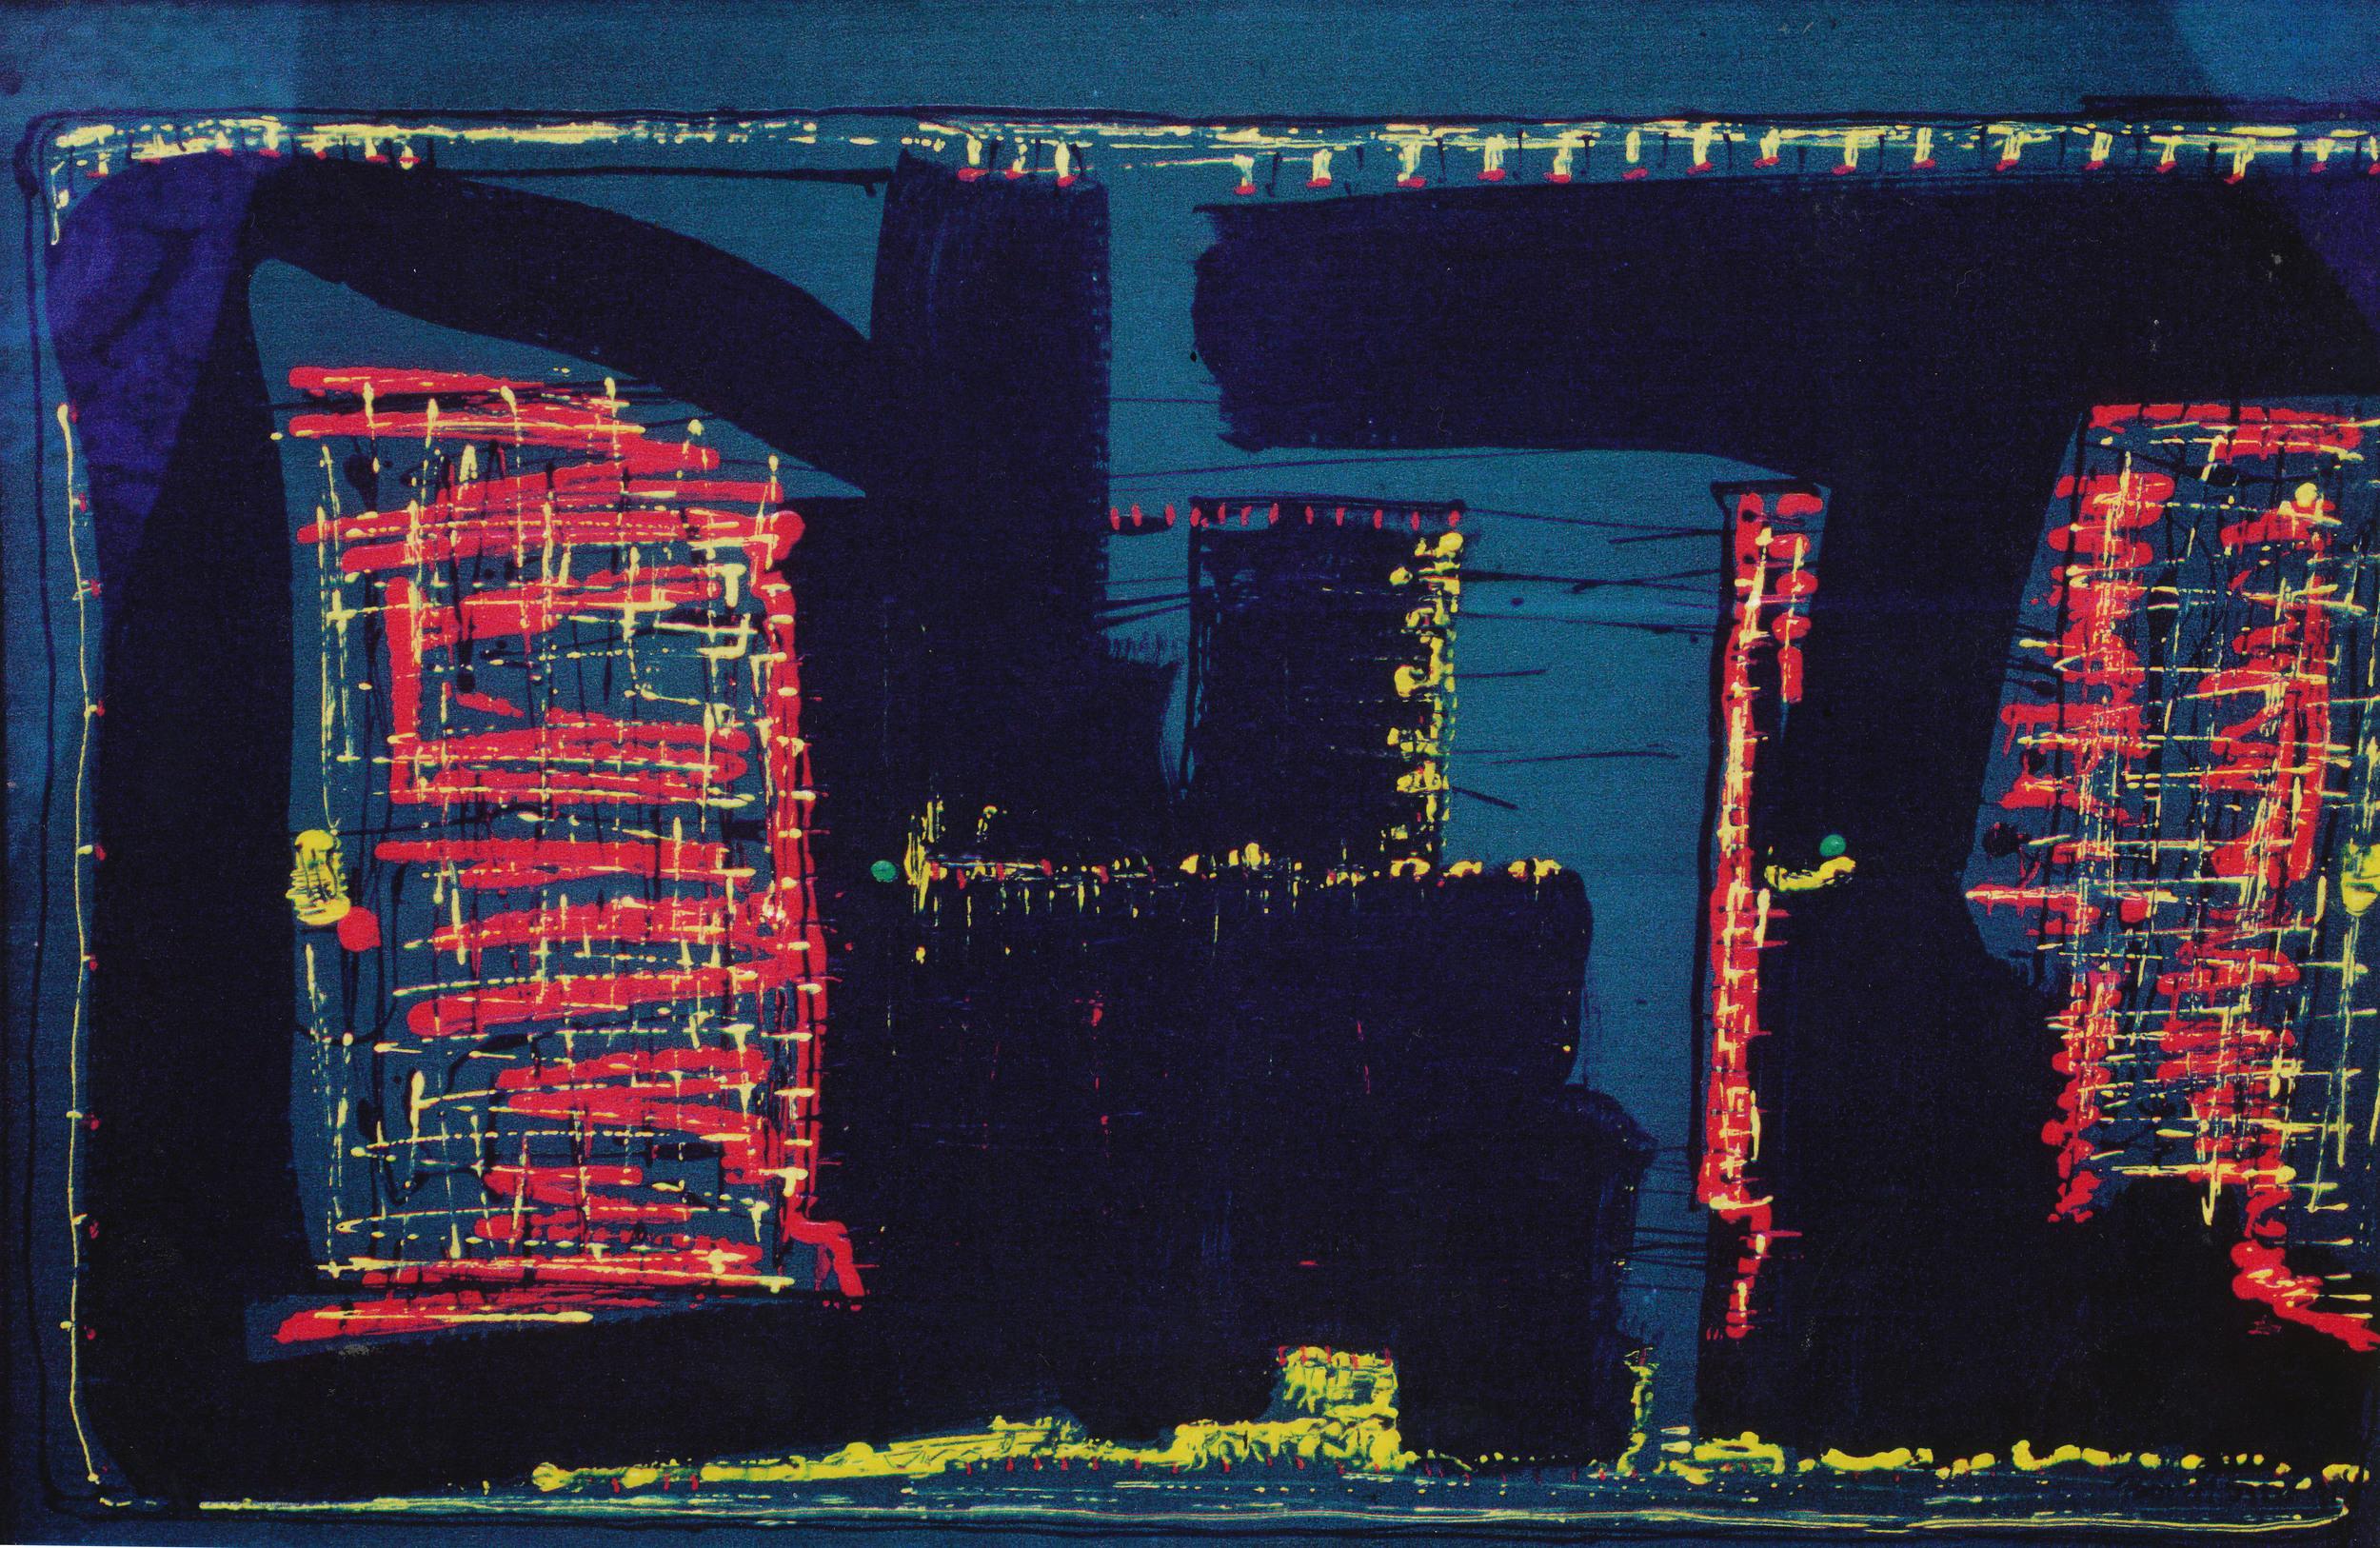 East Ruthford Drive, 1991